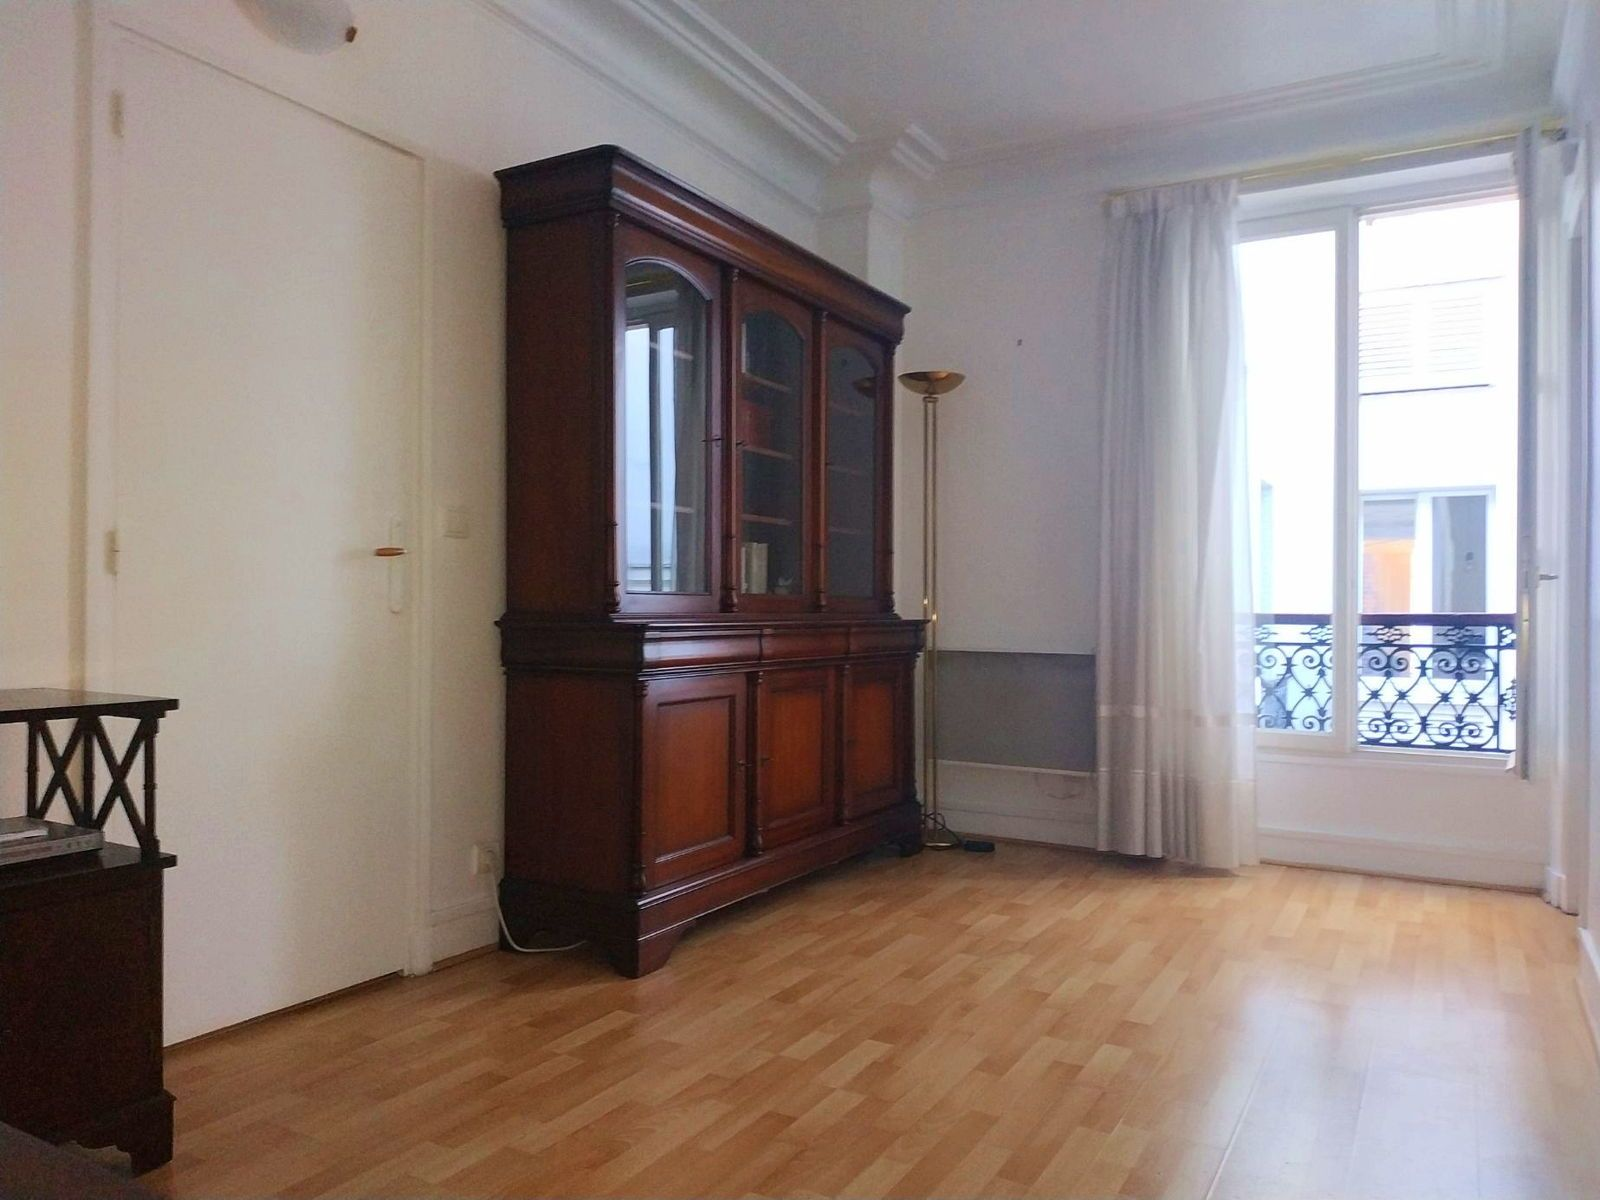 Loue bel appartement T2meublé à Levallois (92), calme et sécurisé